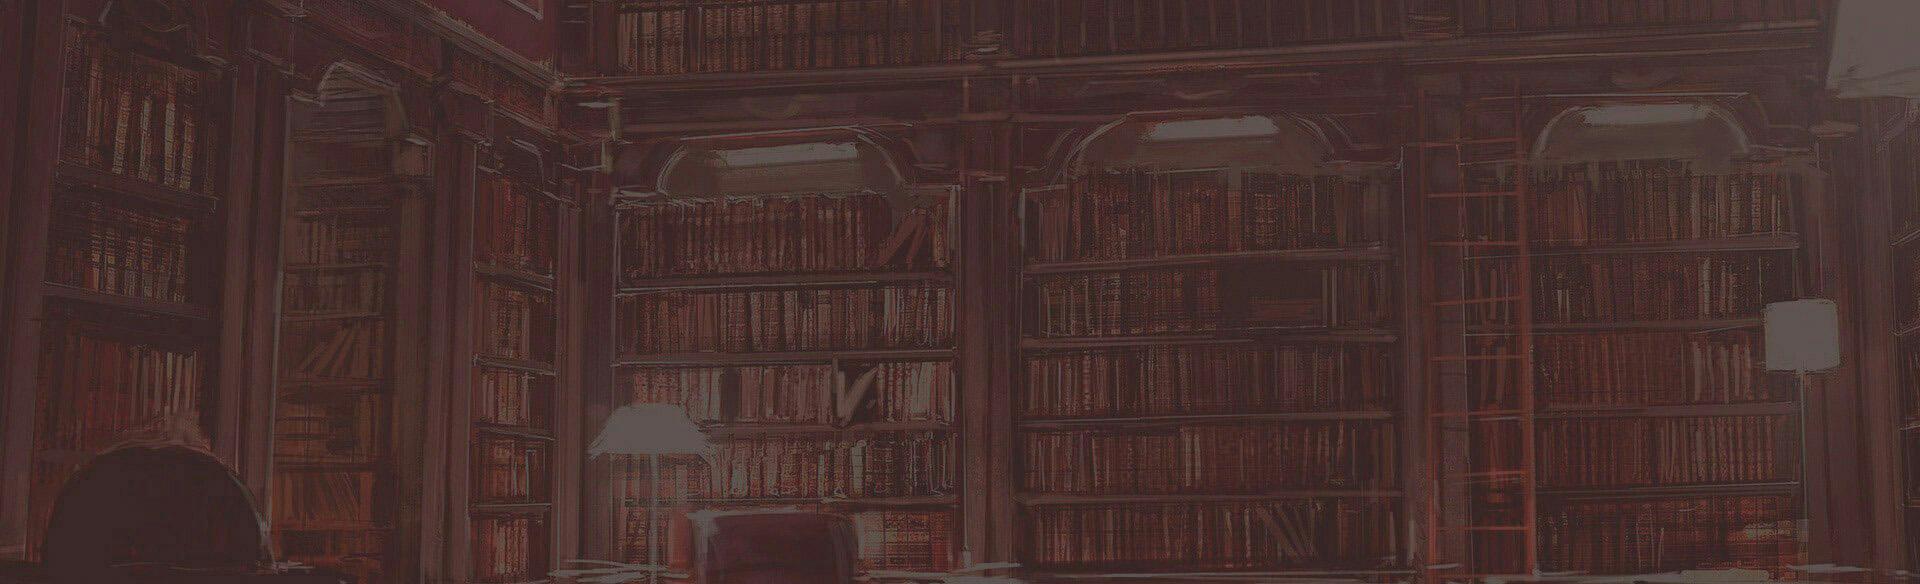 Помощь в написании курсовых дипломных и диссертаций в Новосибирске Написание кандидатской диссертации под ключ